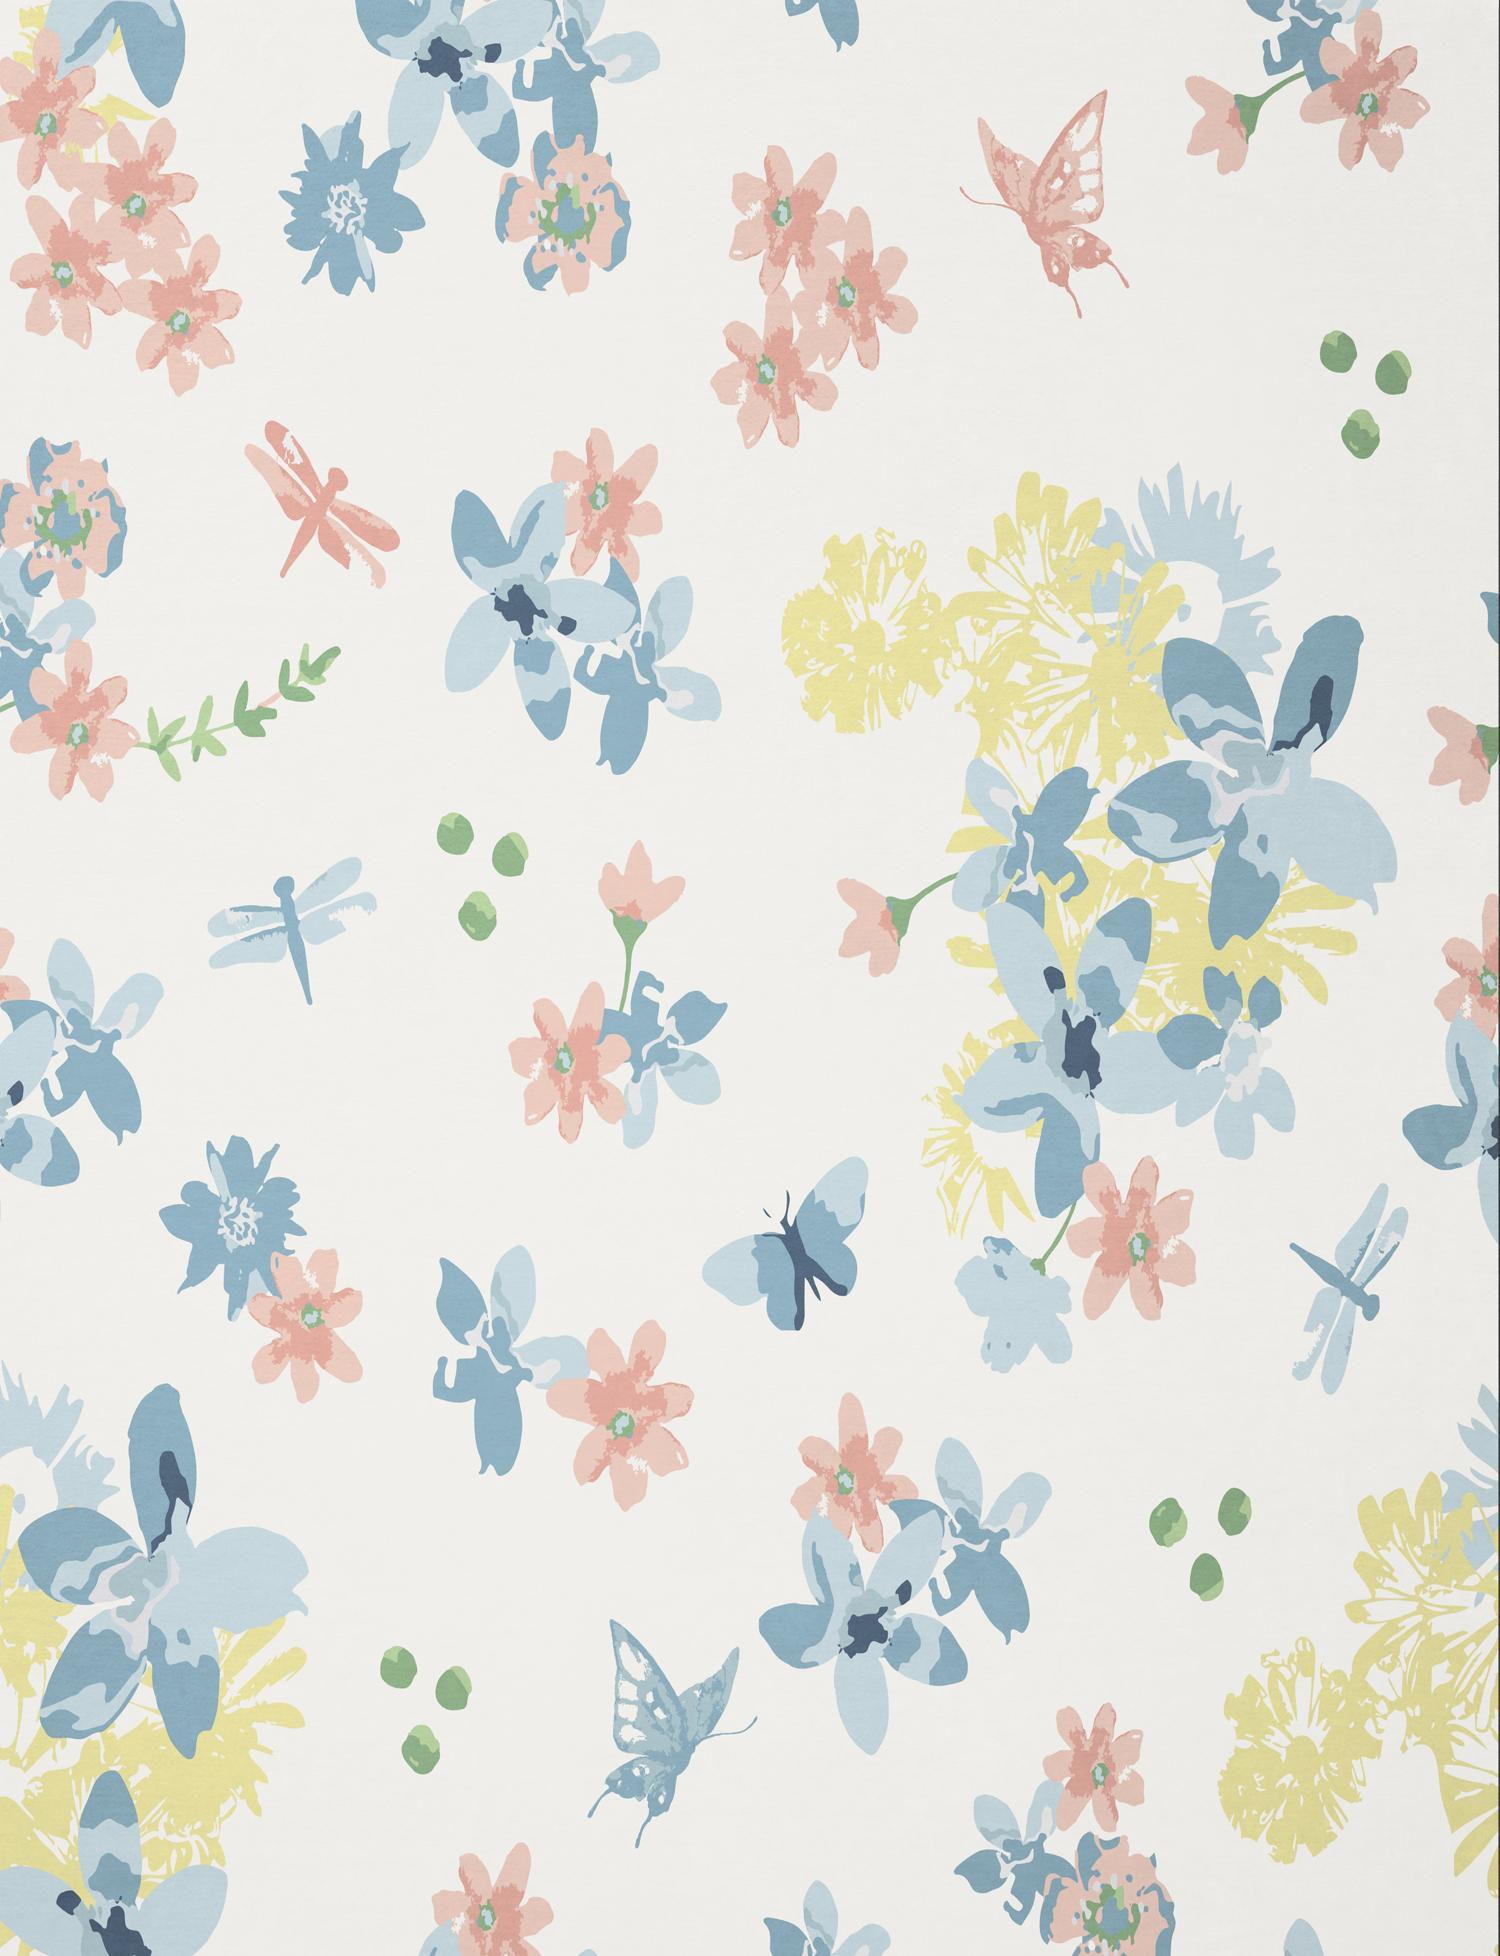 BIEDERLACK Wohndecke, Biederlack, »Blumenwiese«, im Sommerlichen Natur Design